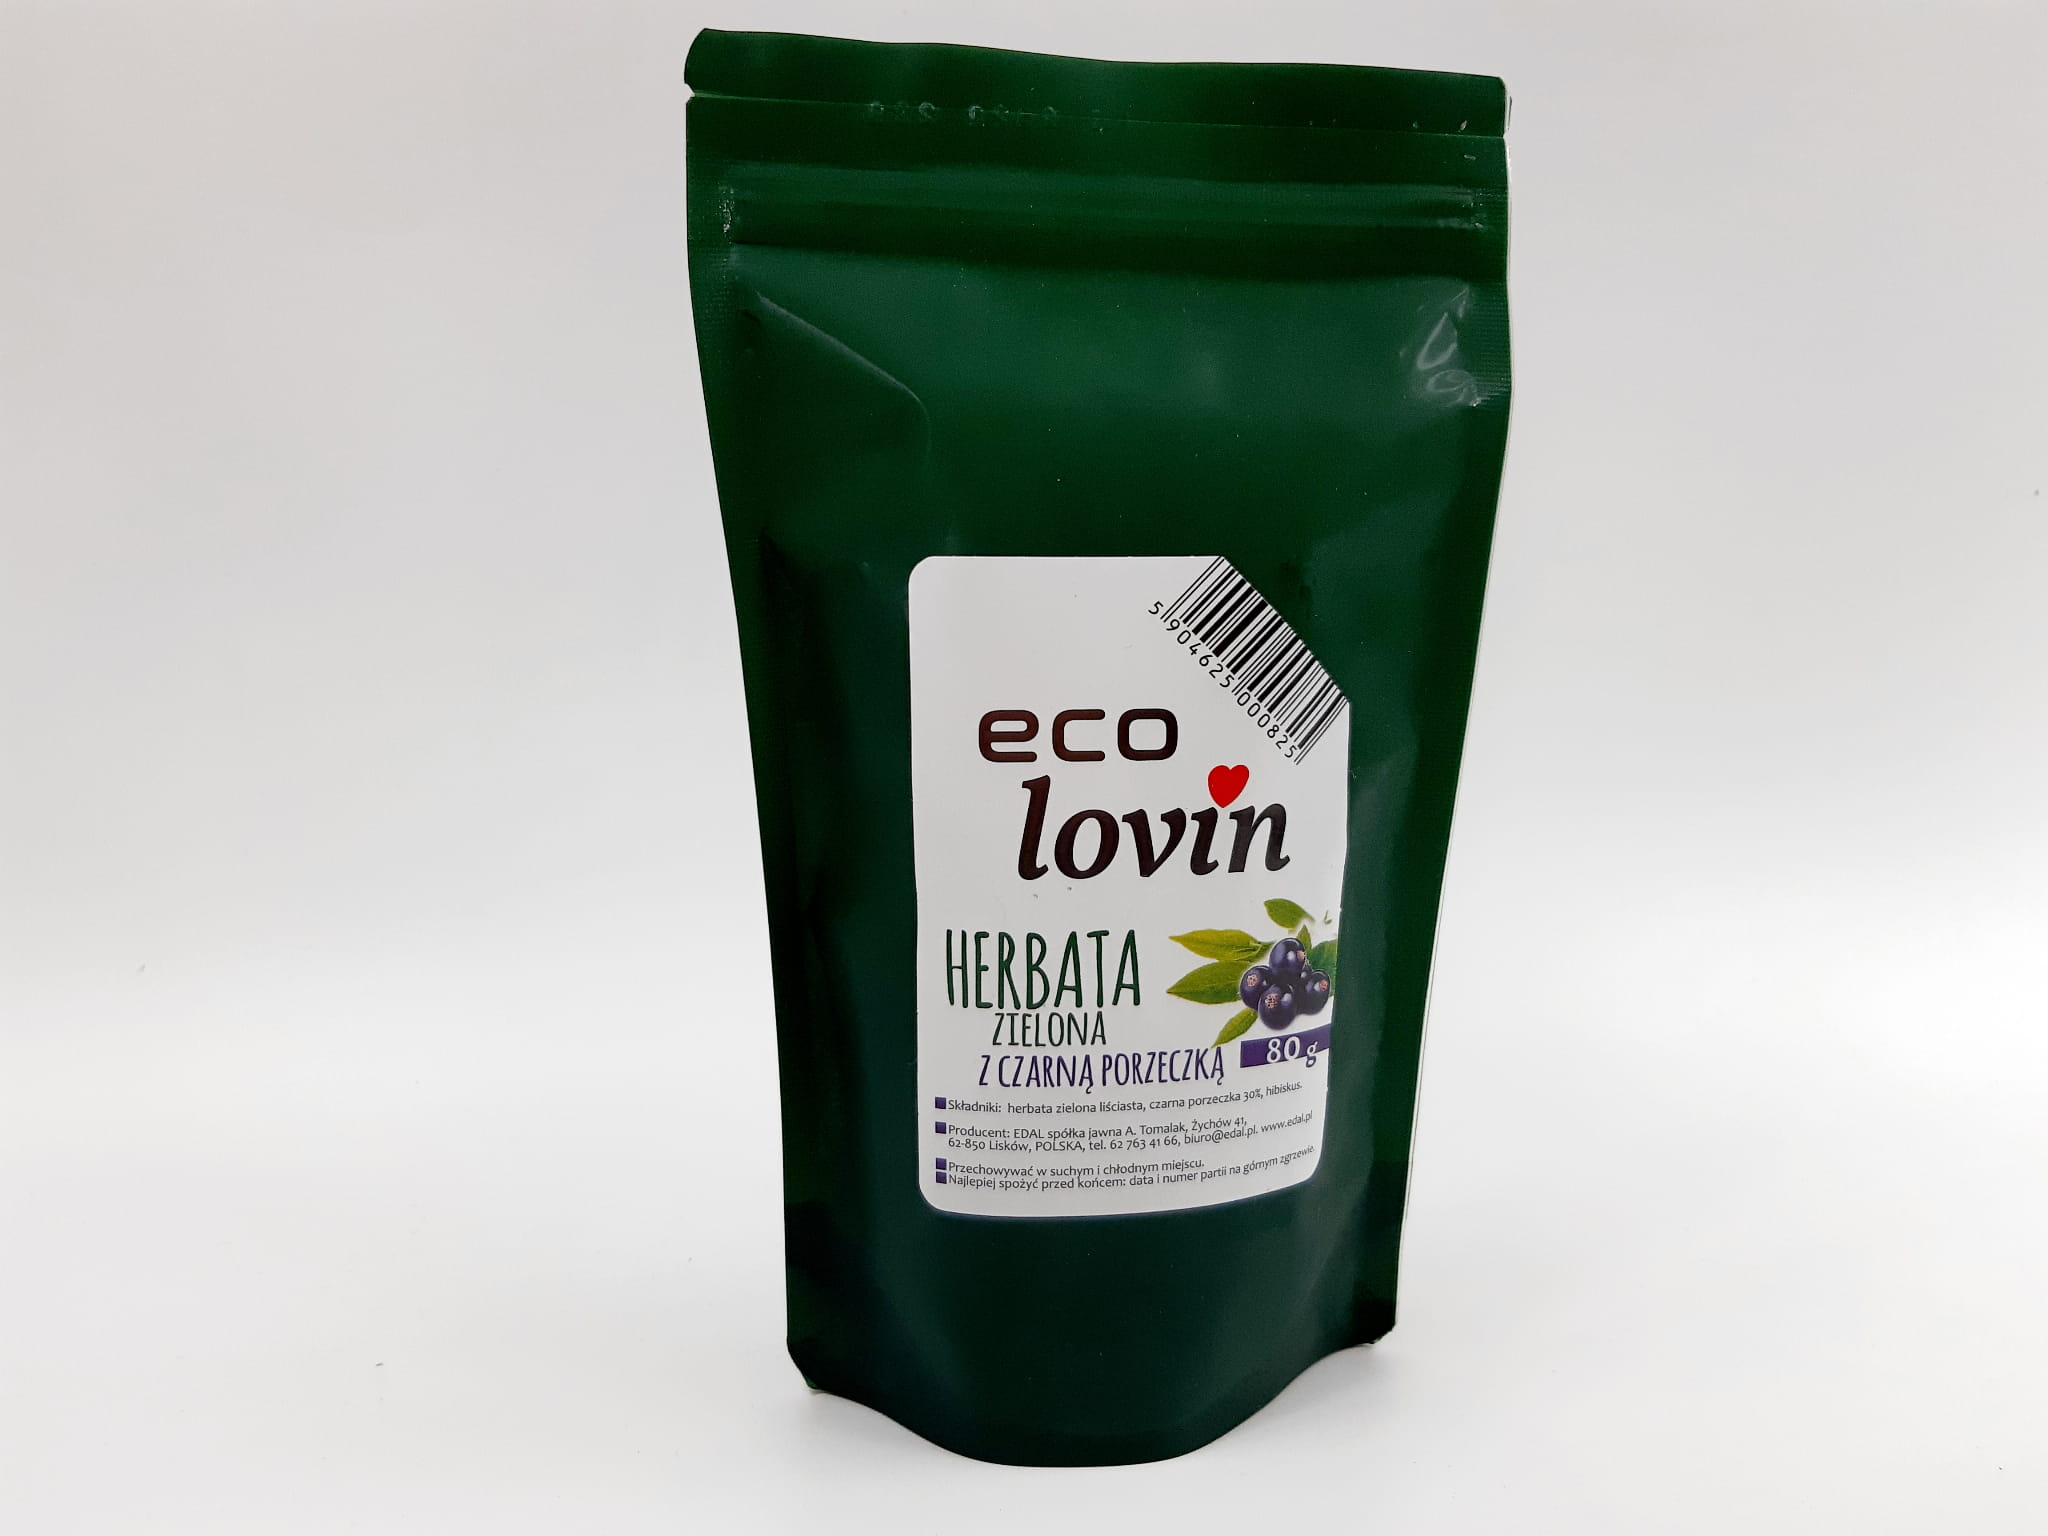 Herbata Zielona z czarną porzeczką liściasta Eco Lovin Edal